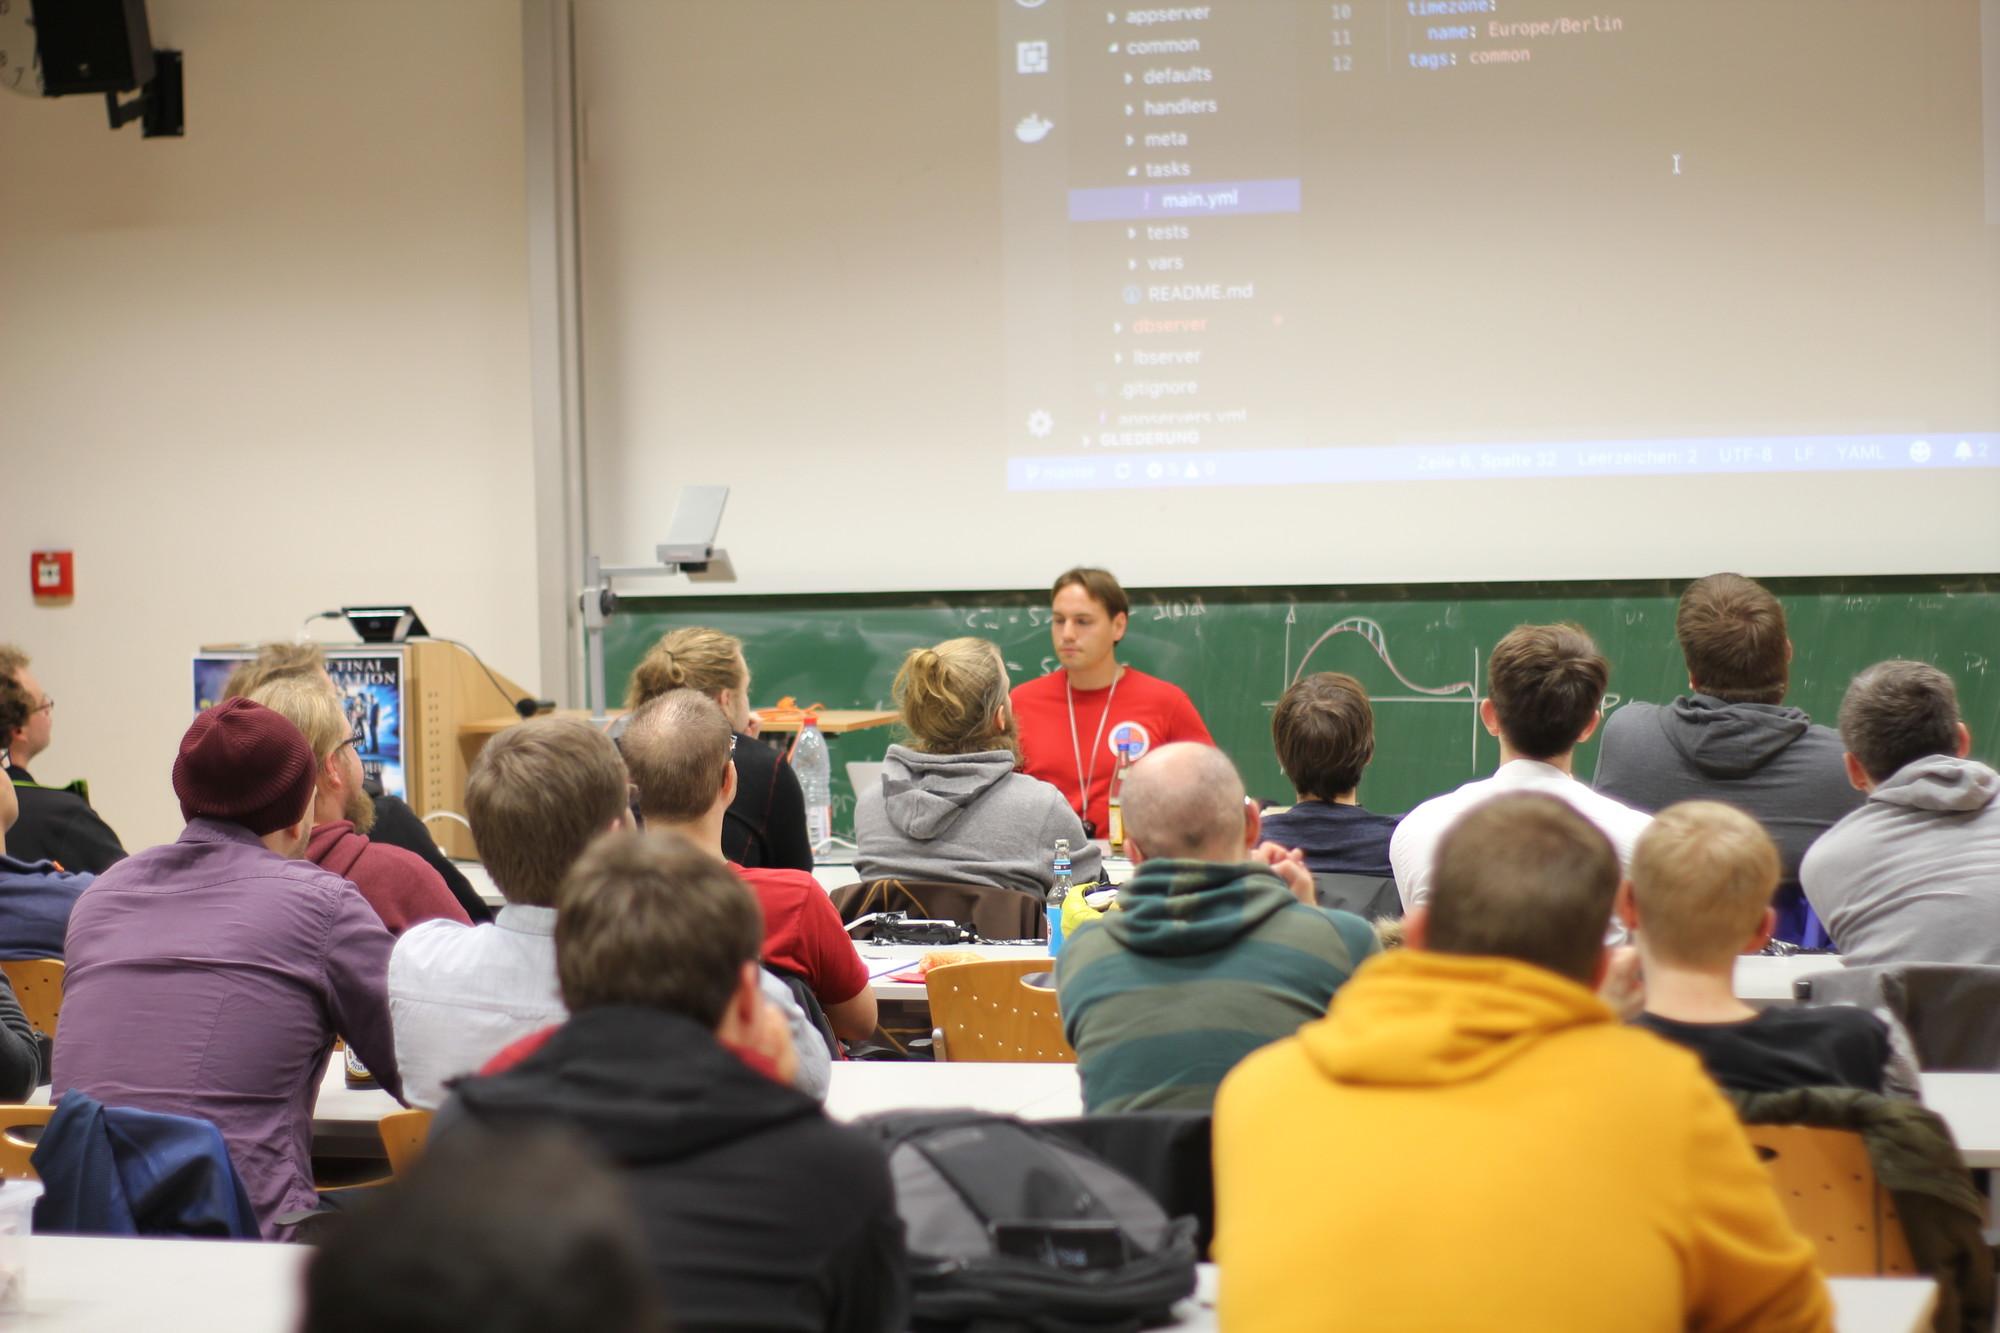 Tobias Mende im Vortrag